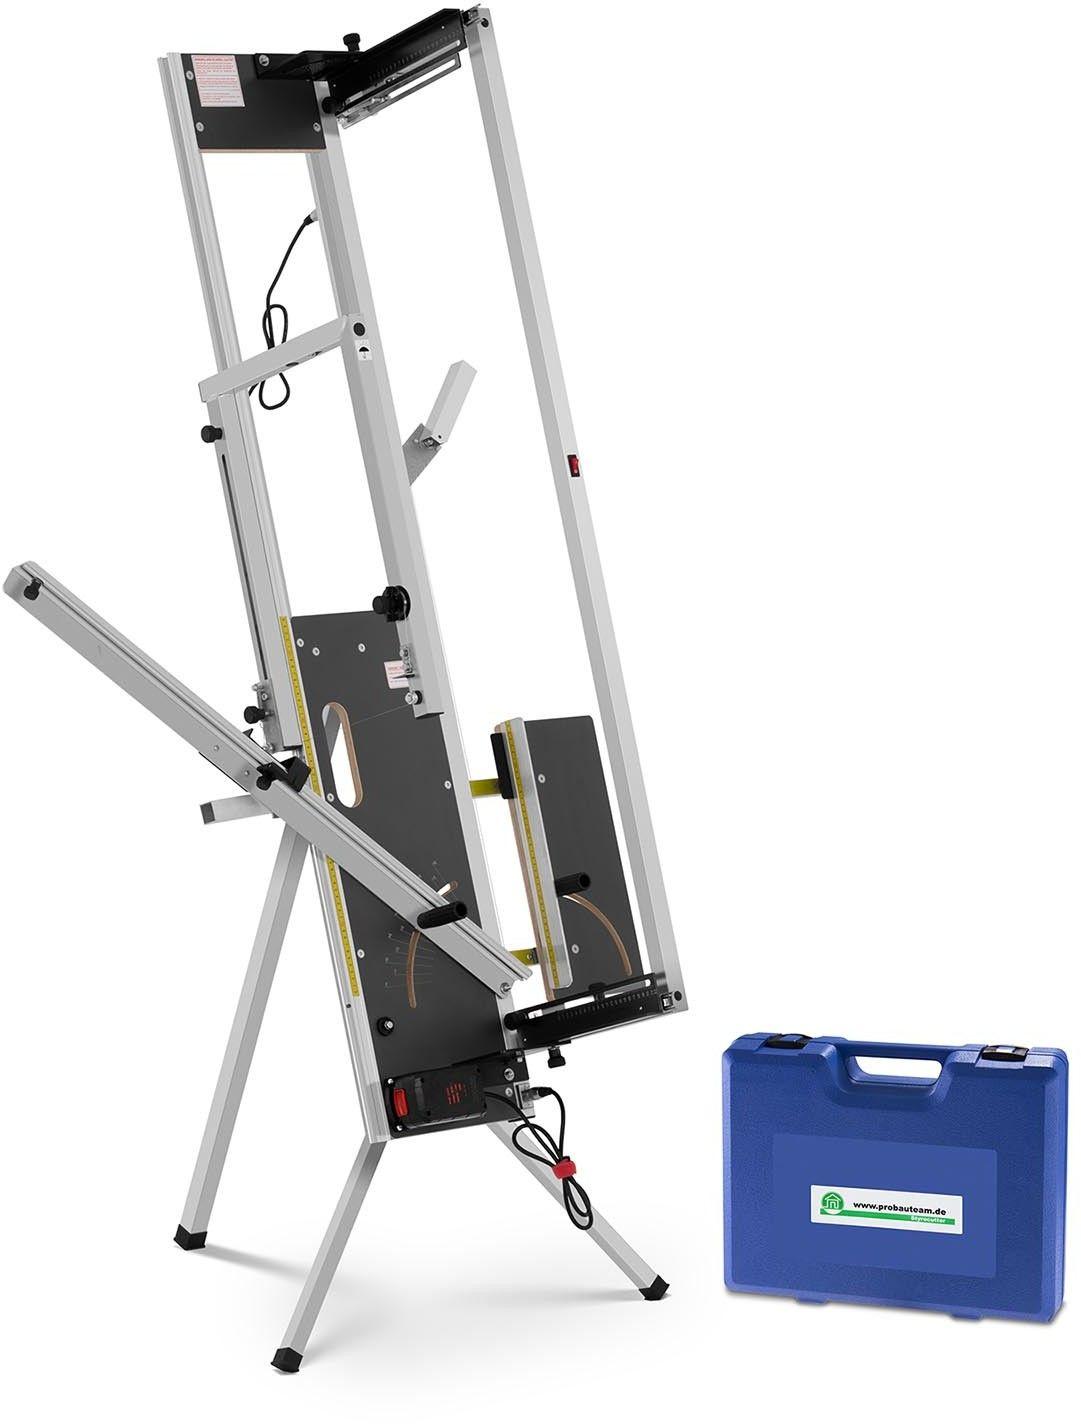 Maszyna do cięcia styropianu 3w1 - 200 W - akumulatory + Nóż do styropianu 180 W - Pro Bauteam - ALUCUTTER 3IN1 V4 BATTERY SET - 3 lata